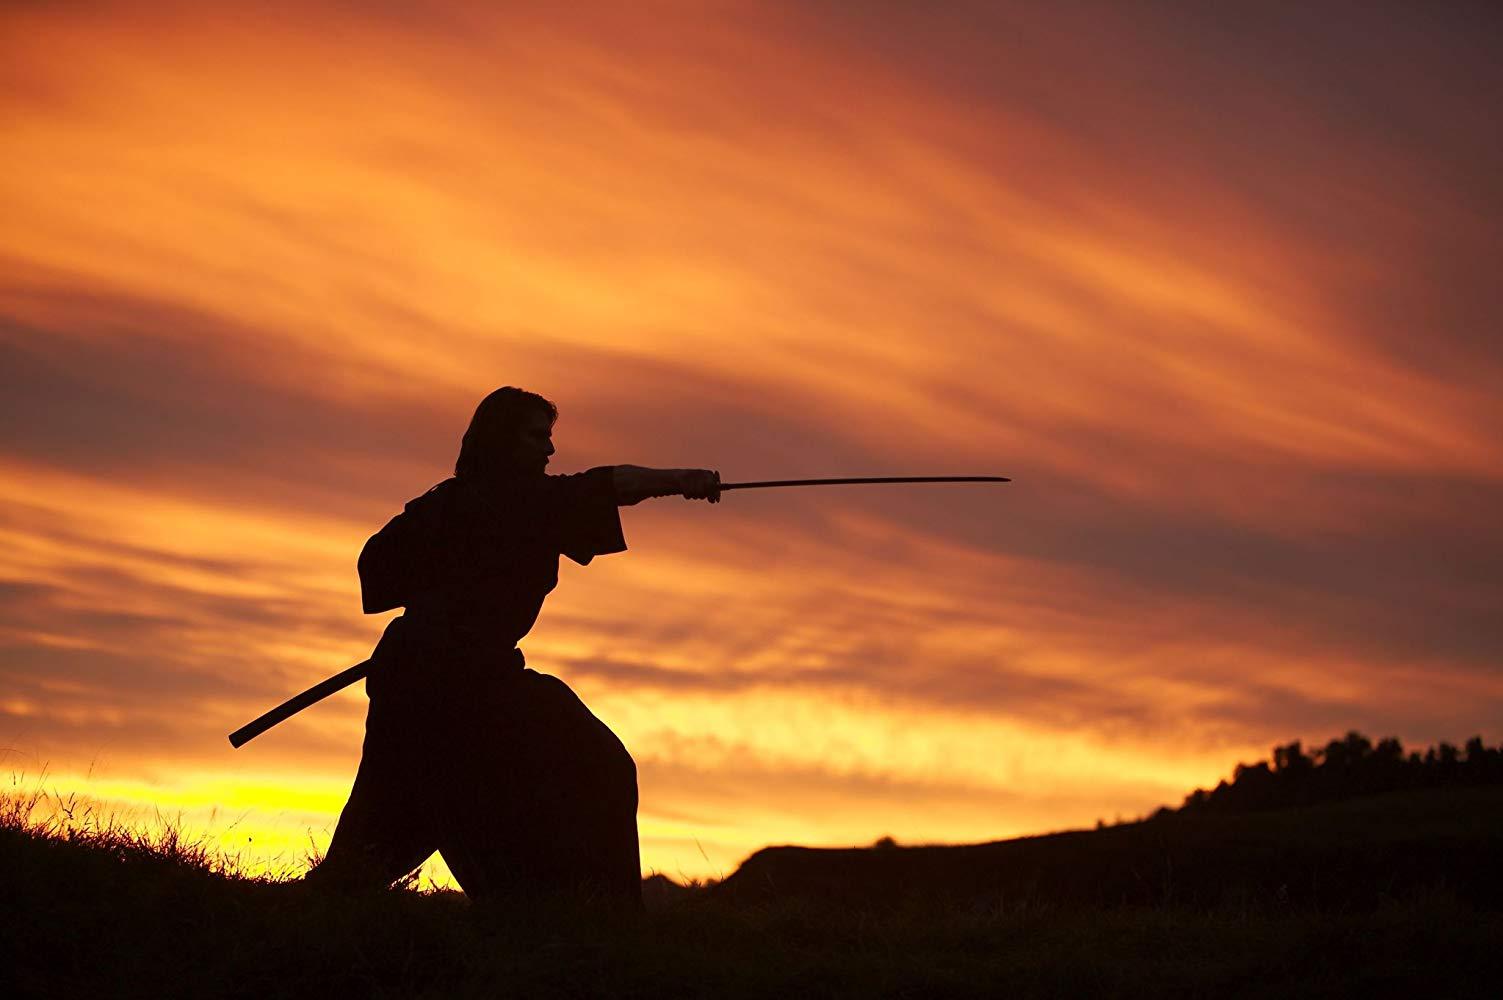 【考察】命を賭してまで武士道を伝える意味はあったのか